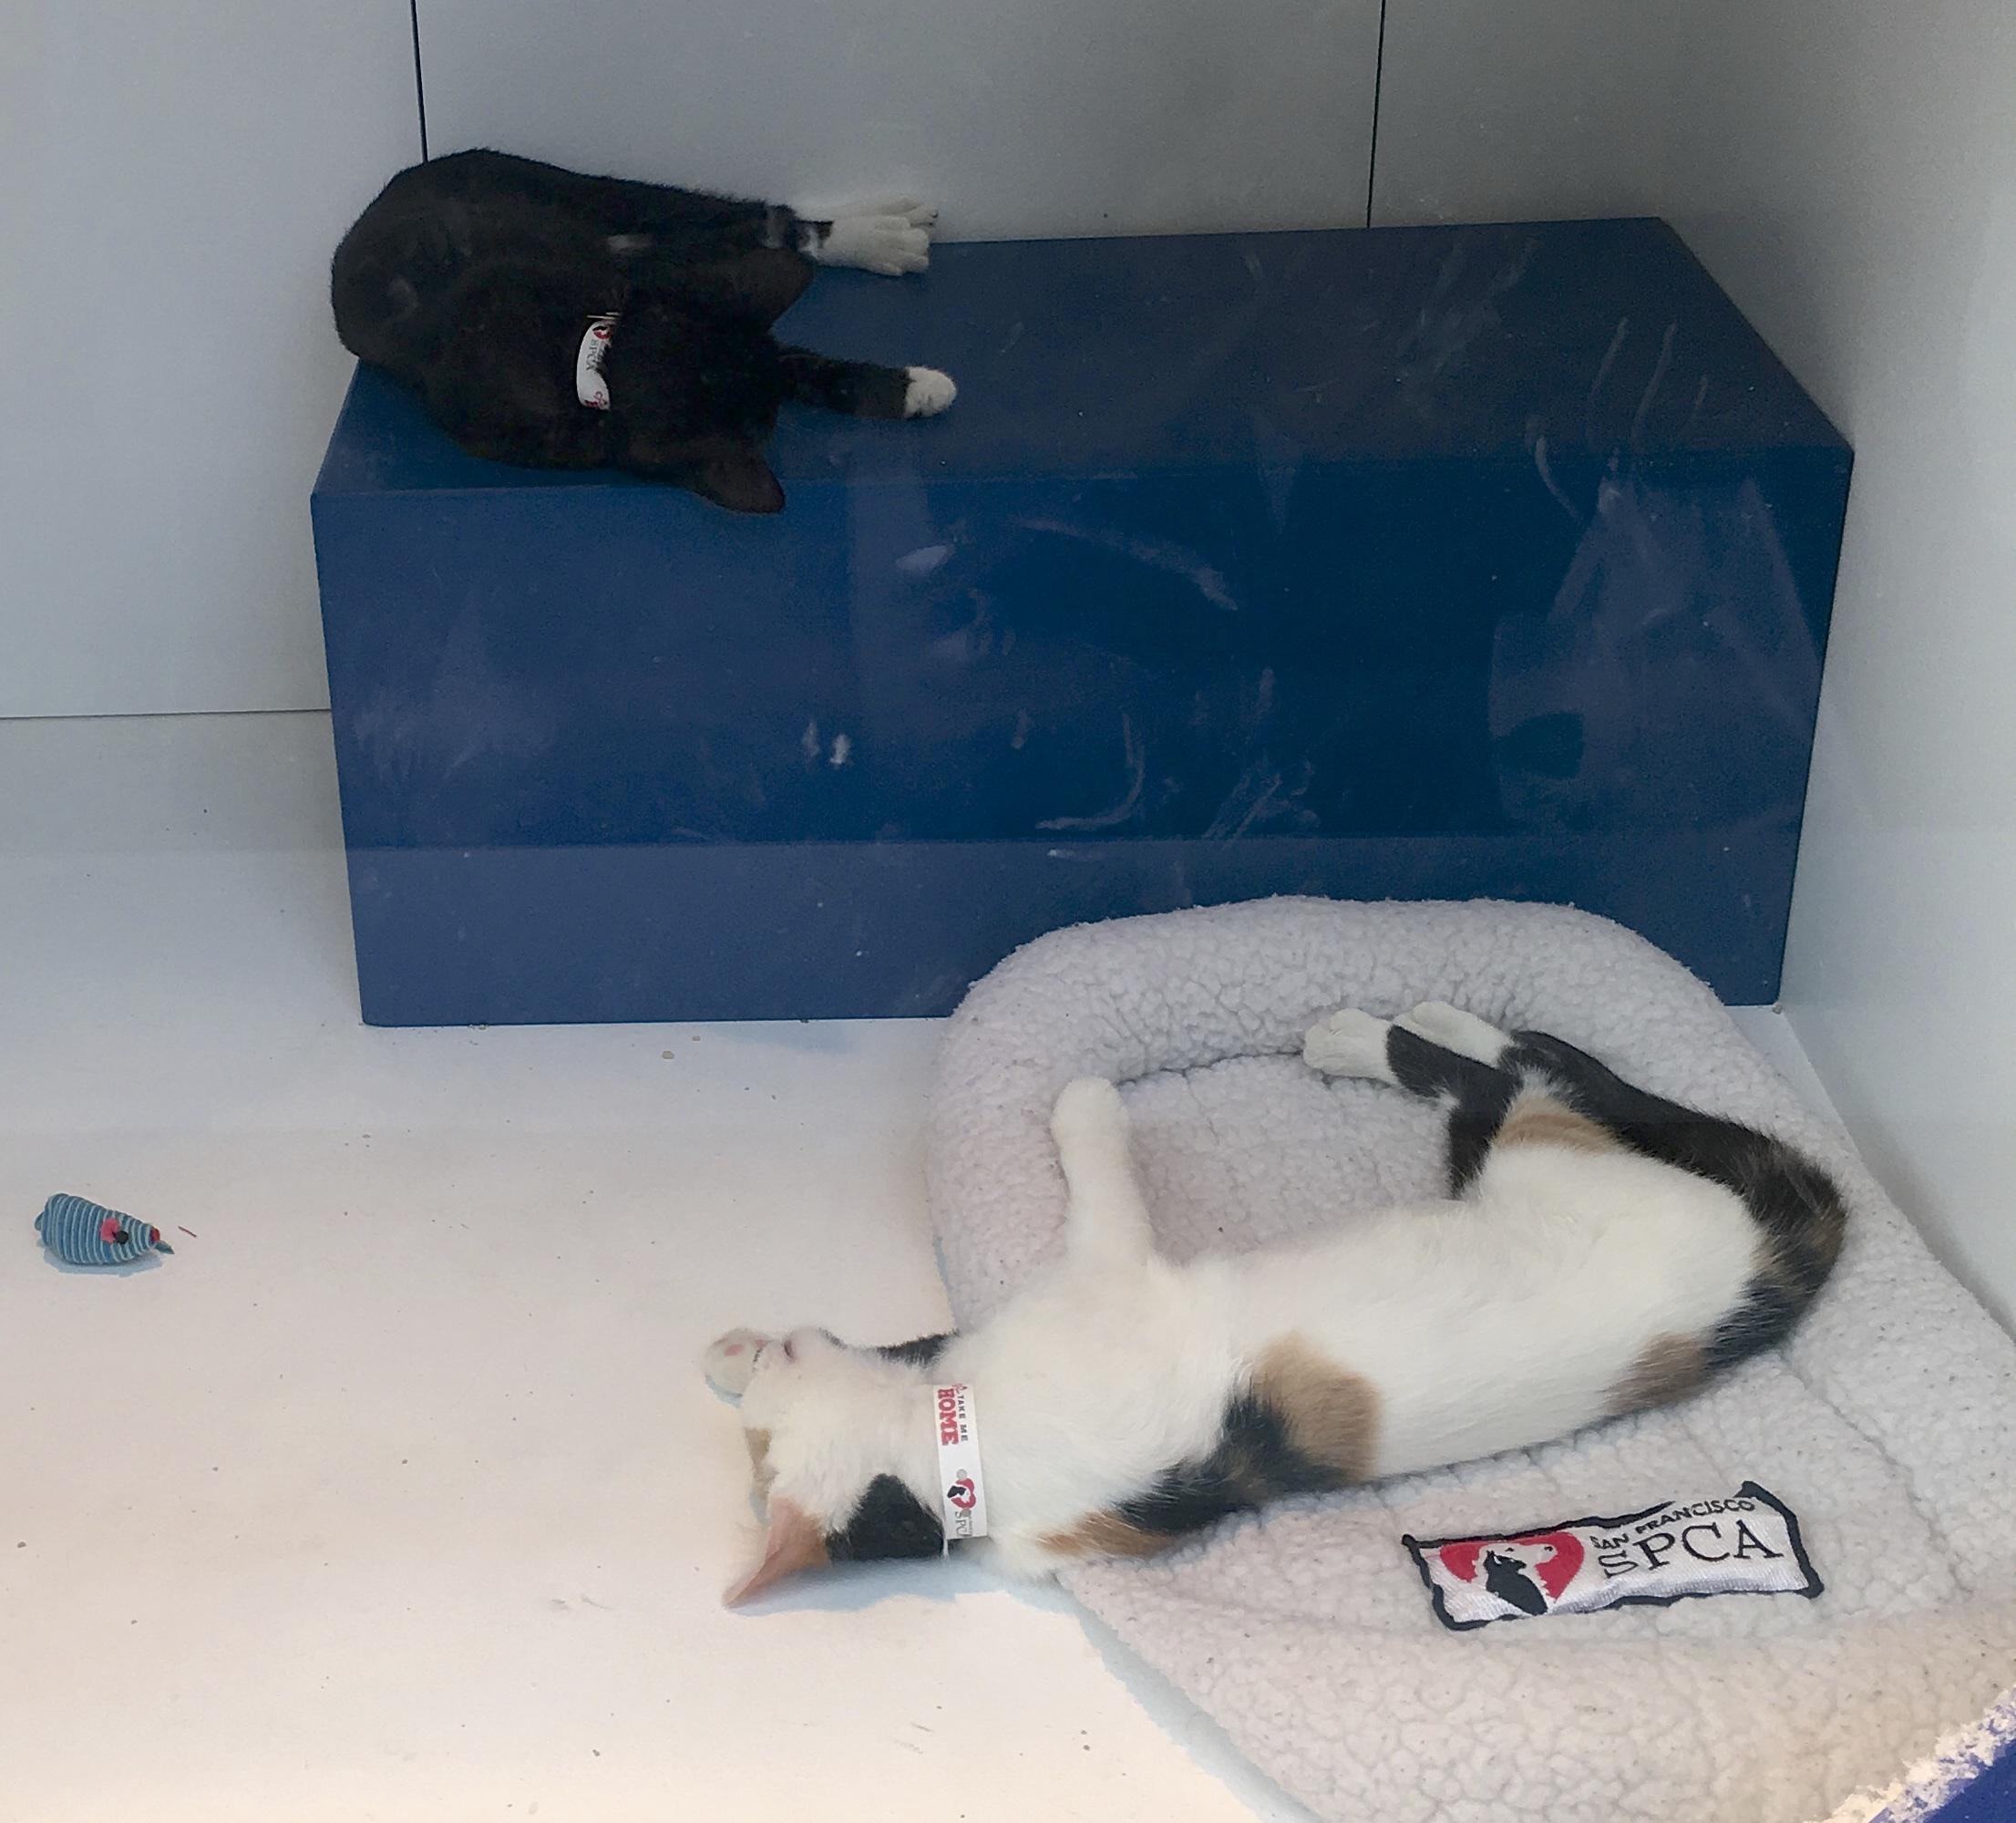 Calico Kitten And Black Kitten With White Socks Sleeping